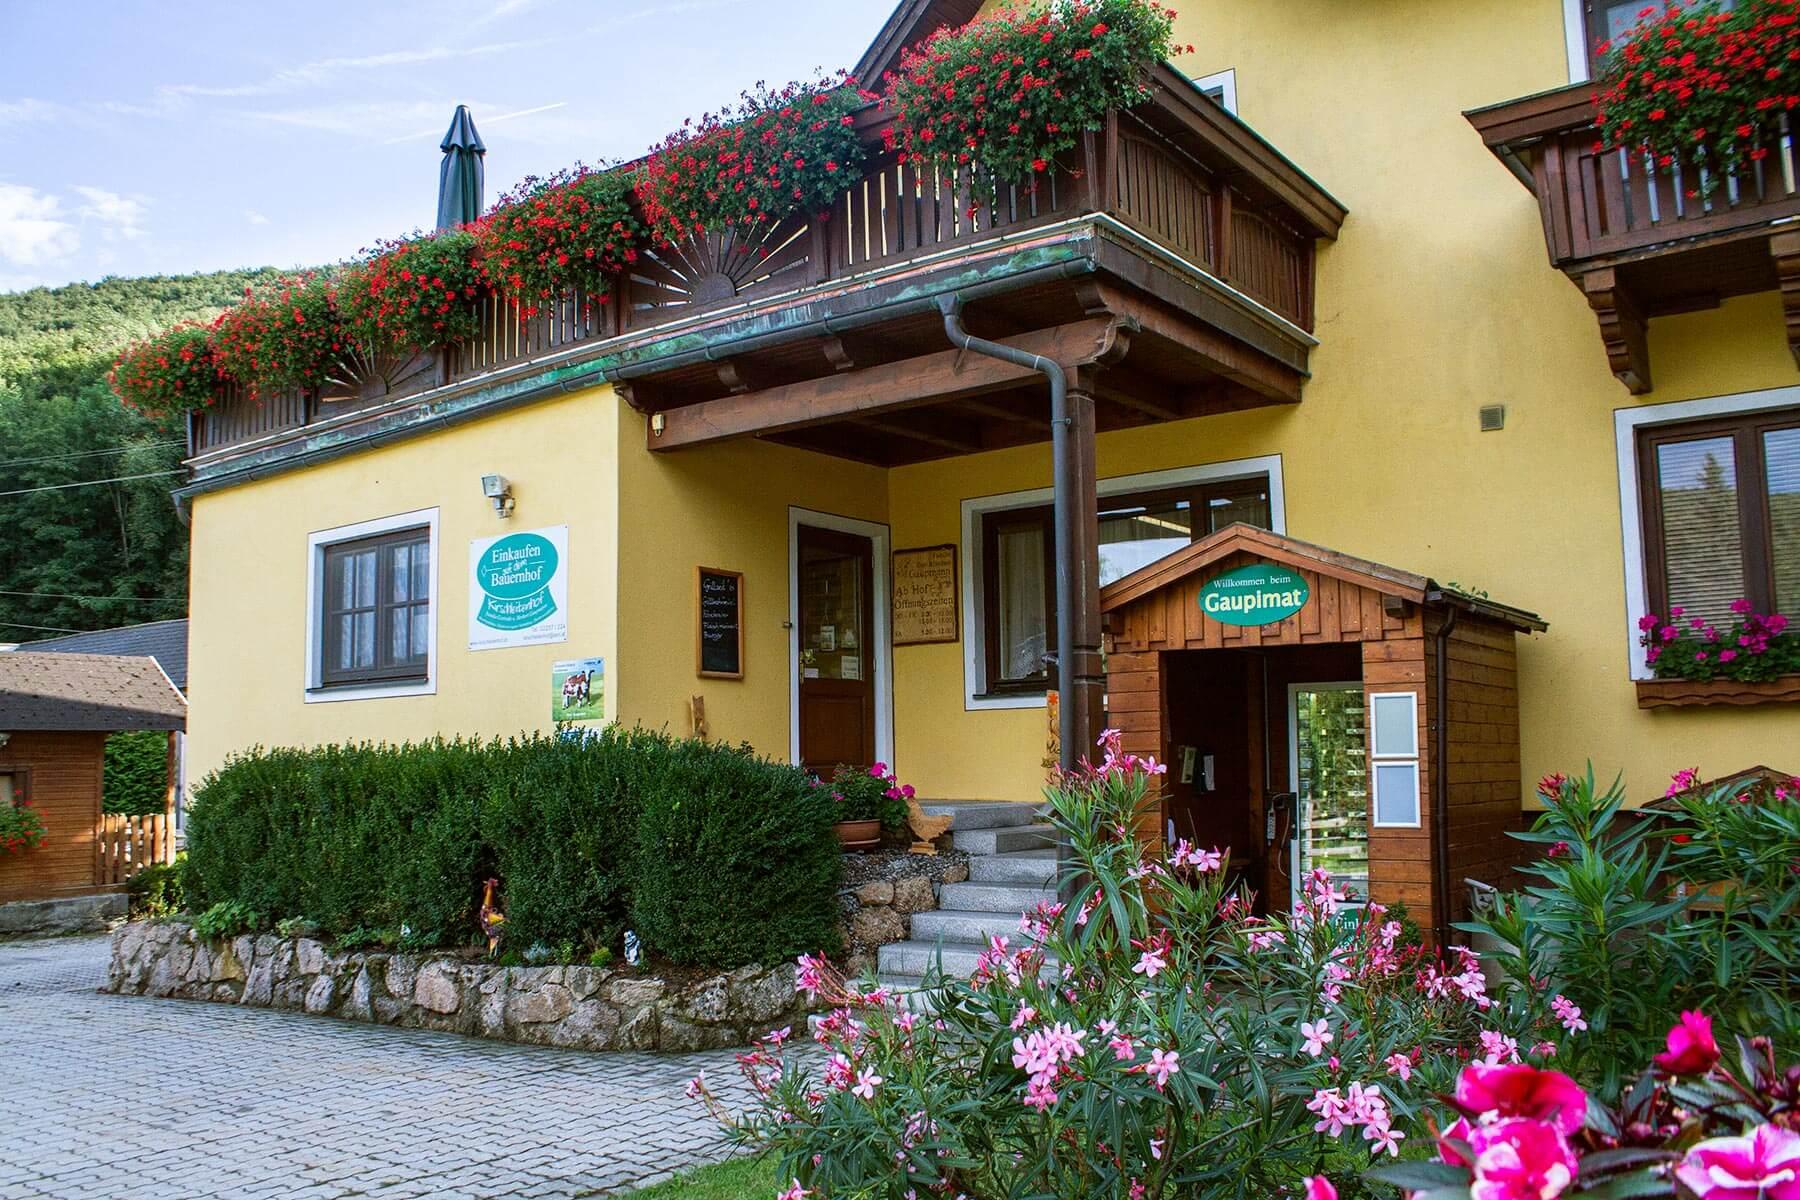 Der Bauernhof Kirschleitenhof in Klausen-Leopoldsdorf von außen mit Gaupimat